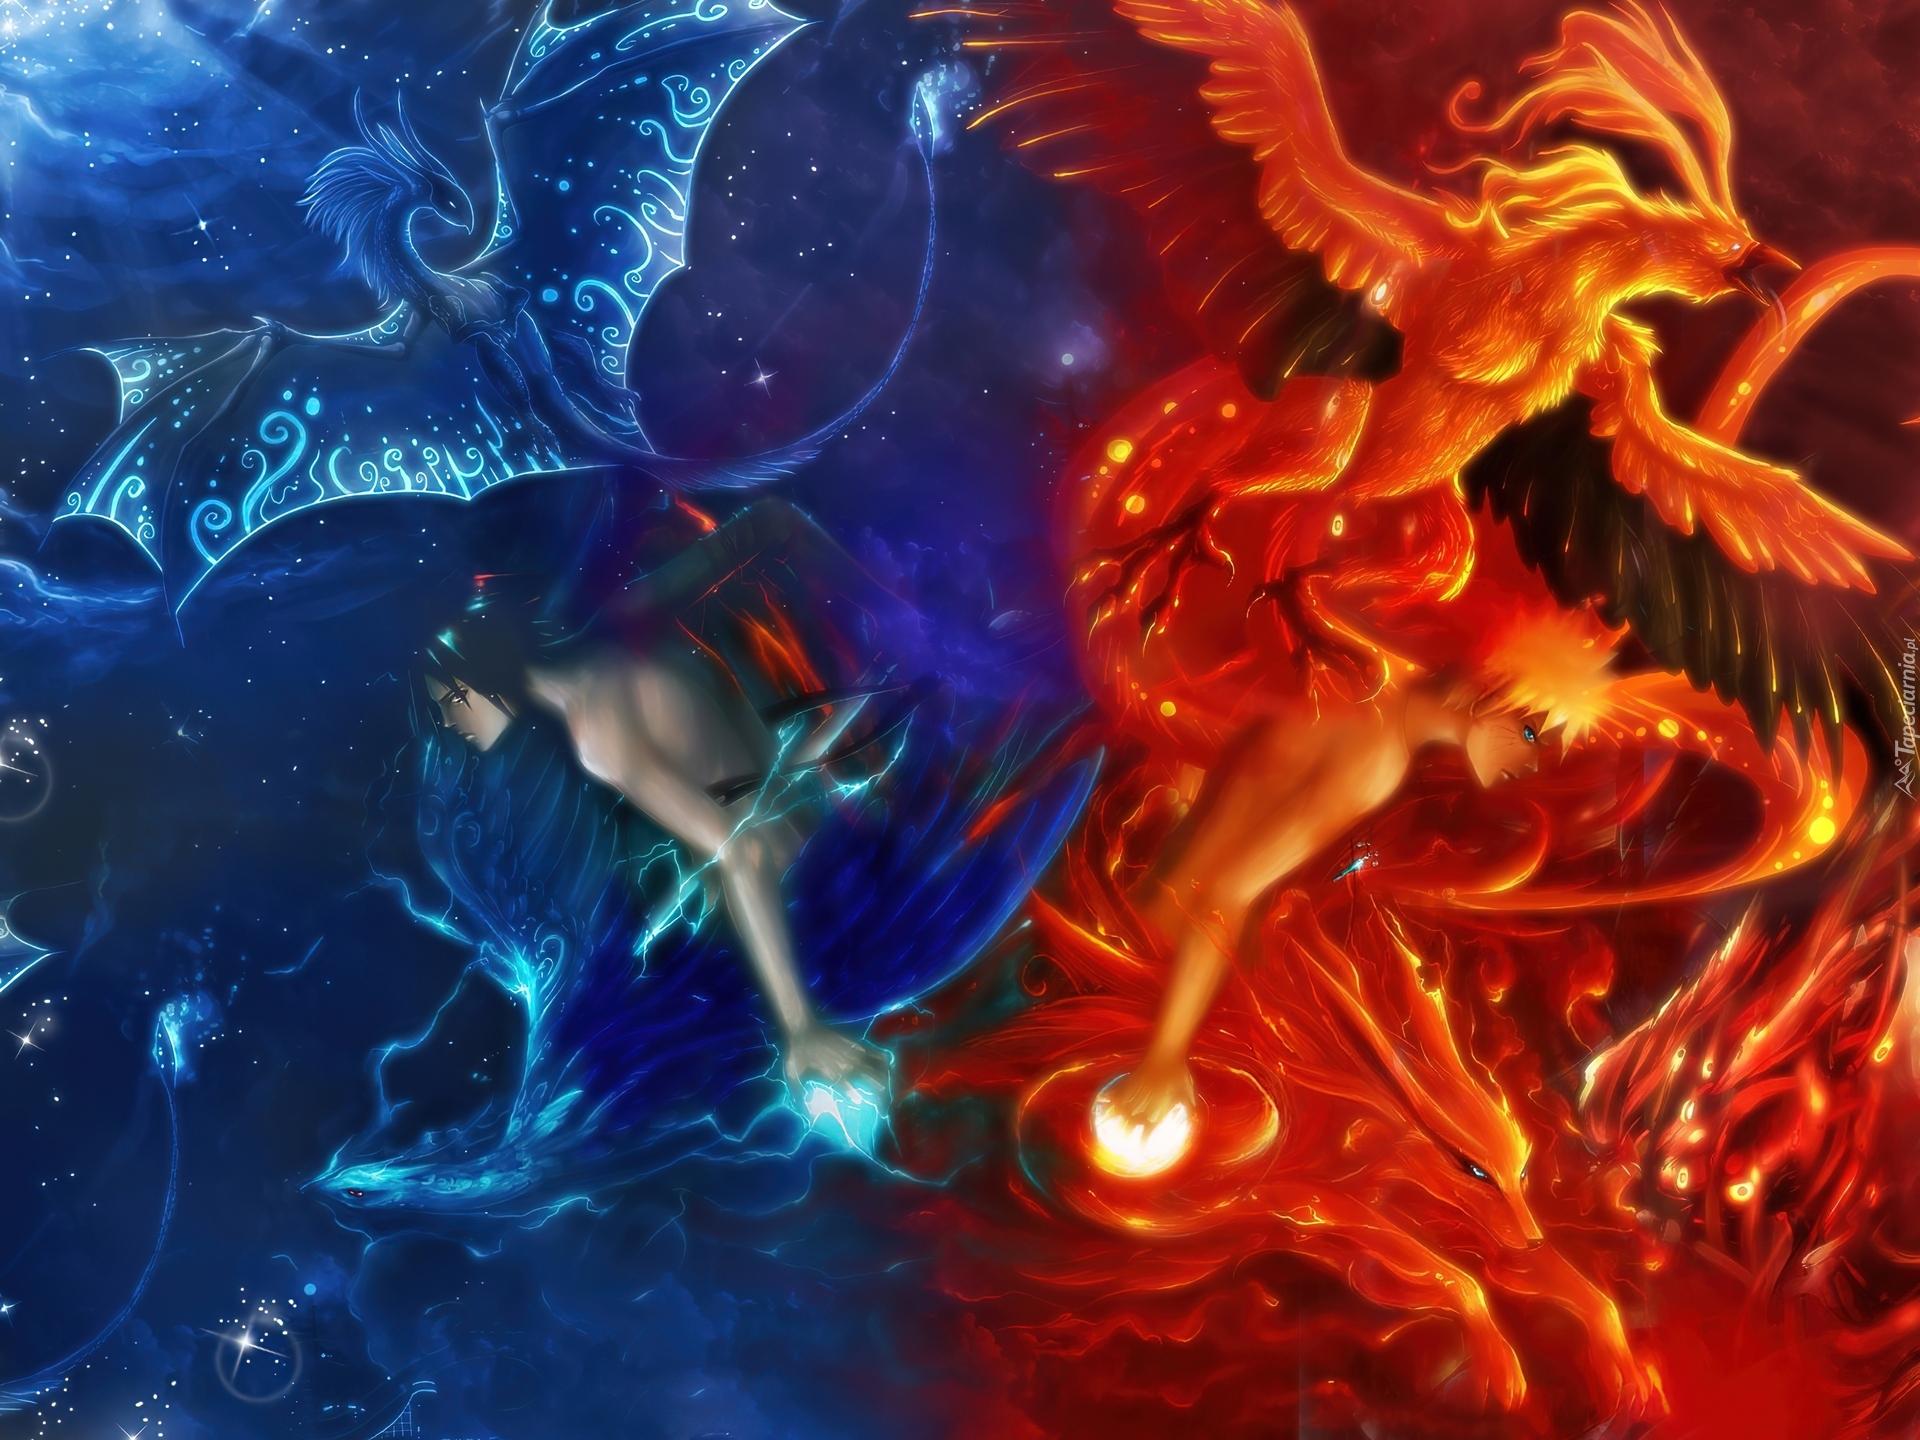 17 Best Images About Good Vs Evil On Pinterest: Naruto, Woda, Ogień